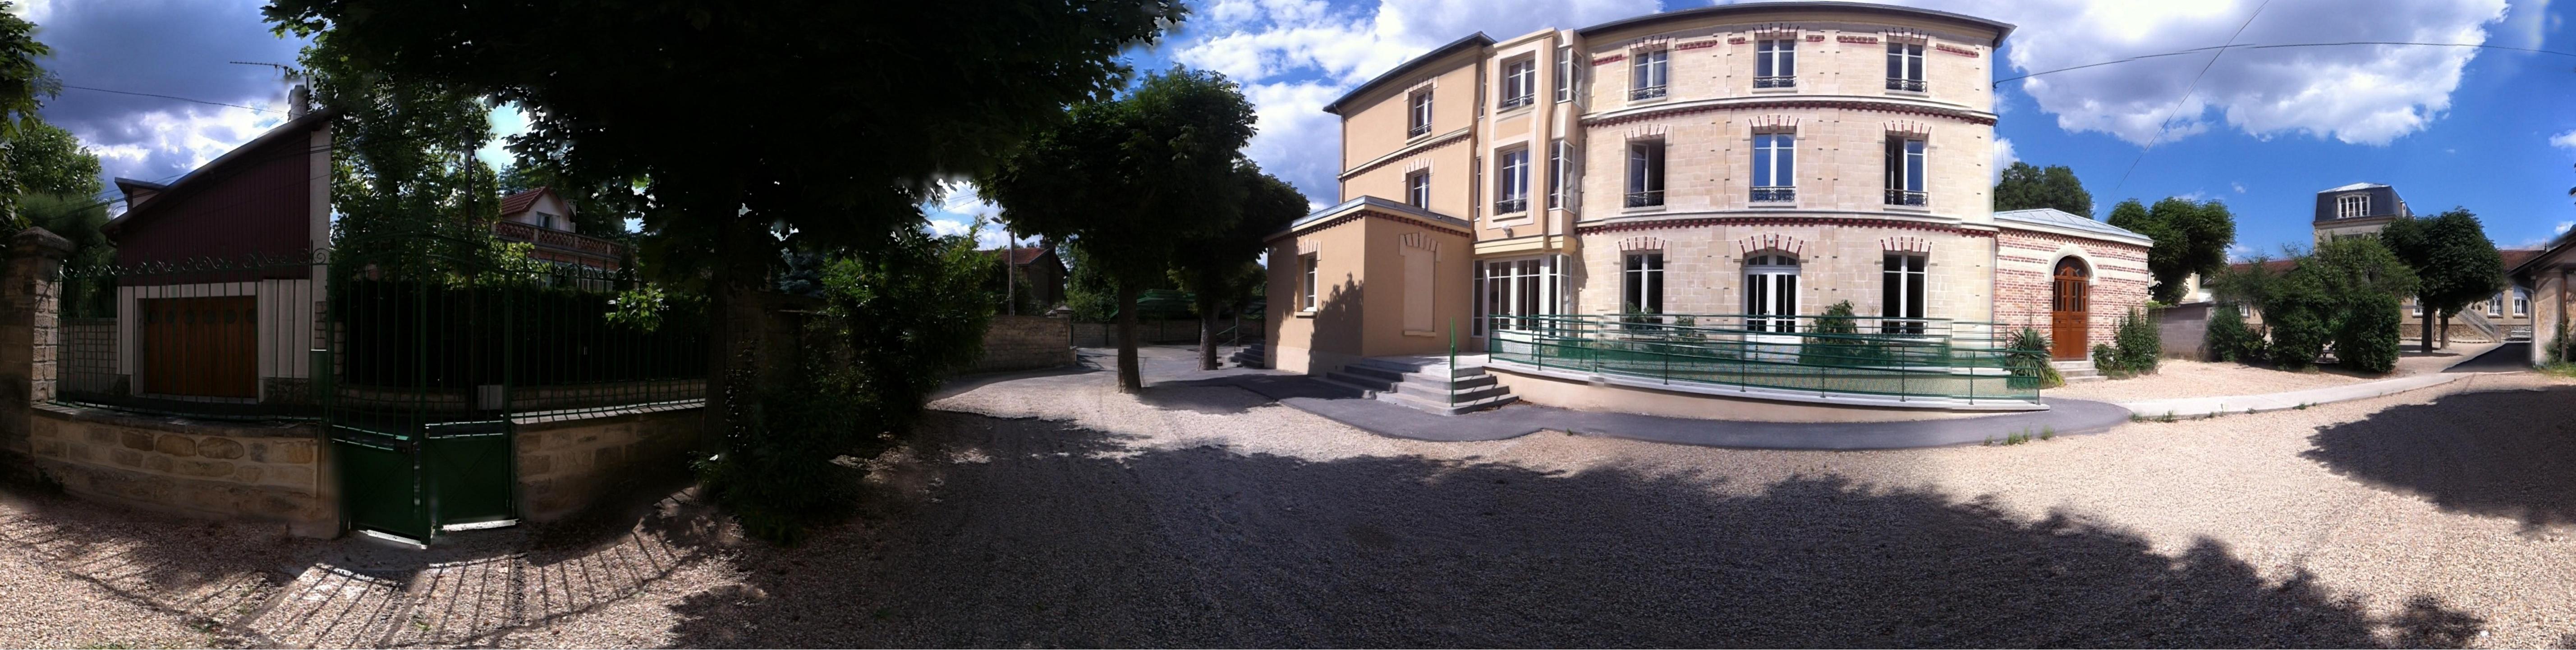 2-6 rue Armand-Chardron 78110 Le Vésinet - 01 39 76 04 82 - direction@ecolesaintejeannedarc.fr / secretariat@ecolesaintejeannedarc.fr